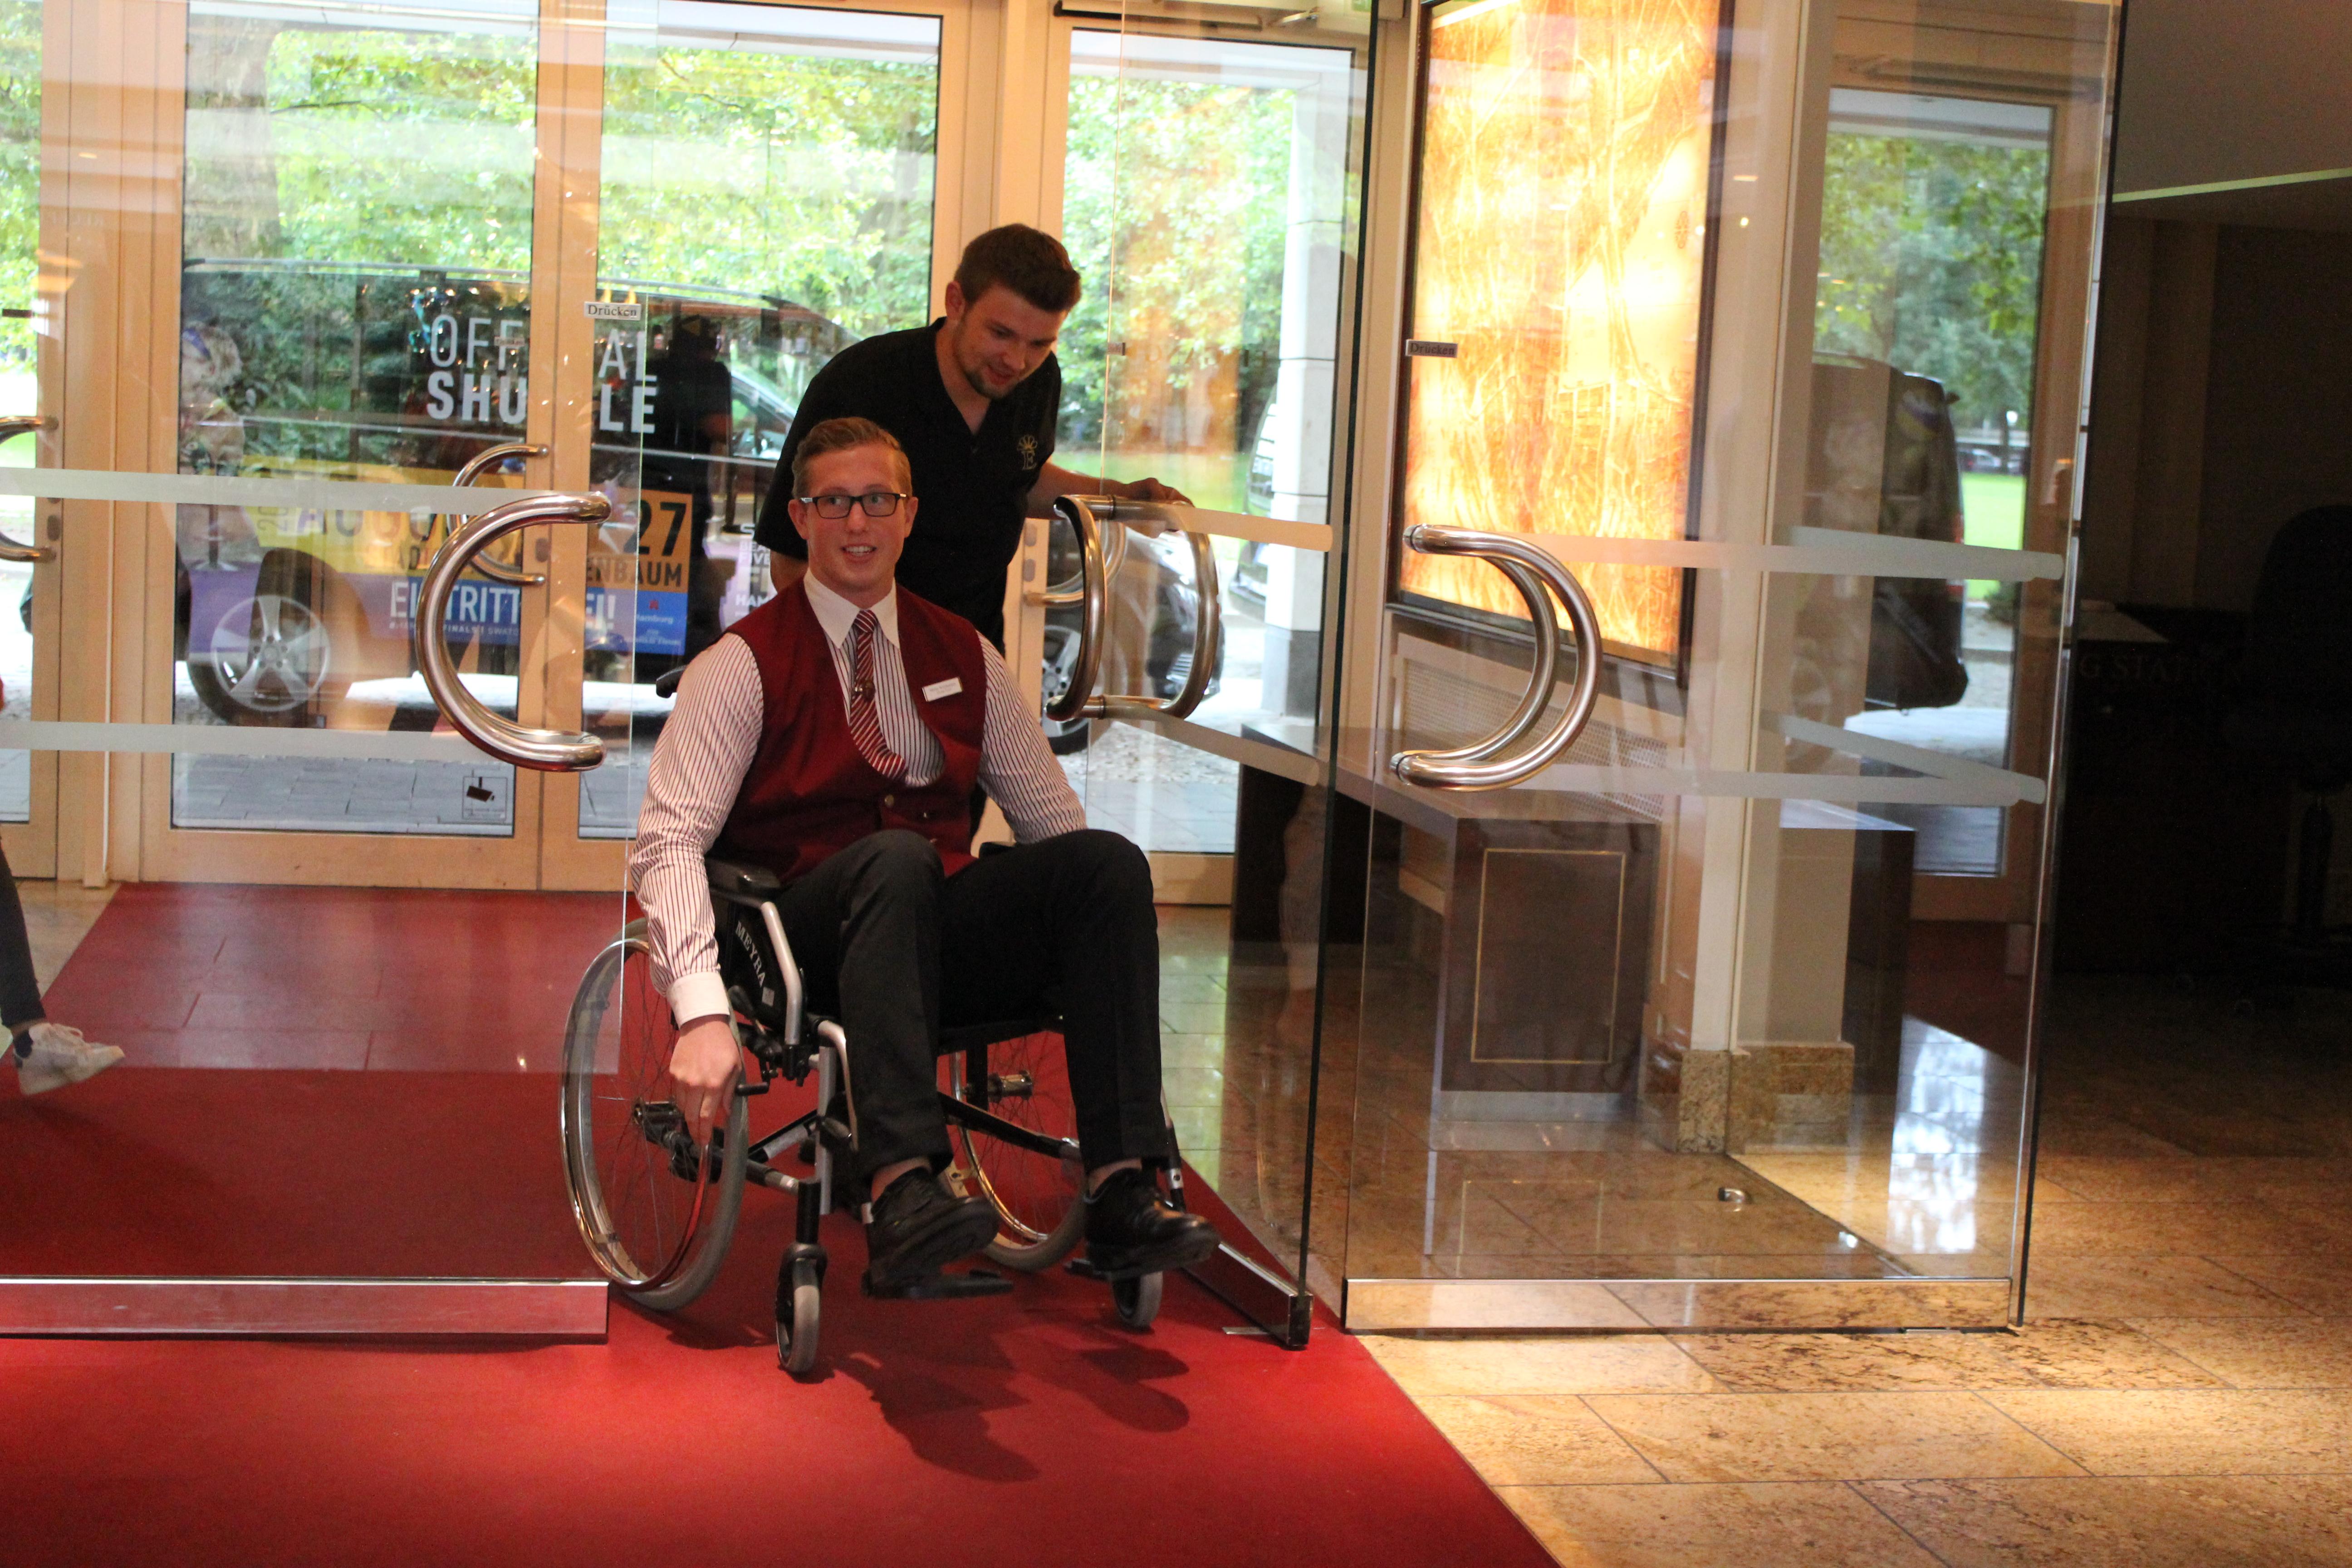 Rollstuhlfahrer und Begleitung betreten das Hotel